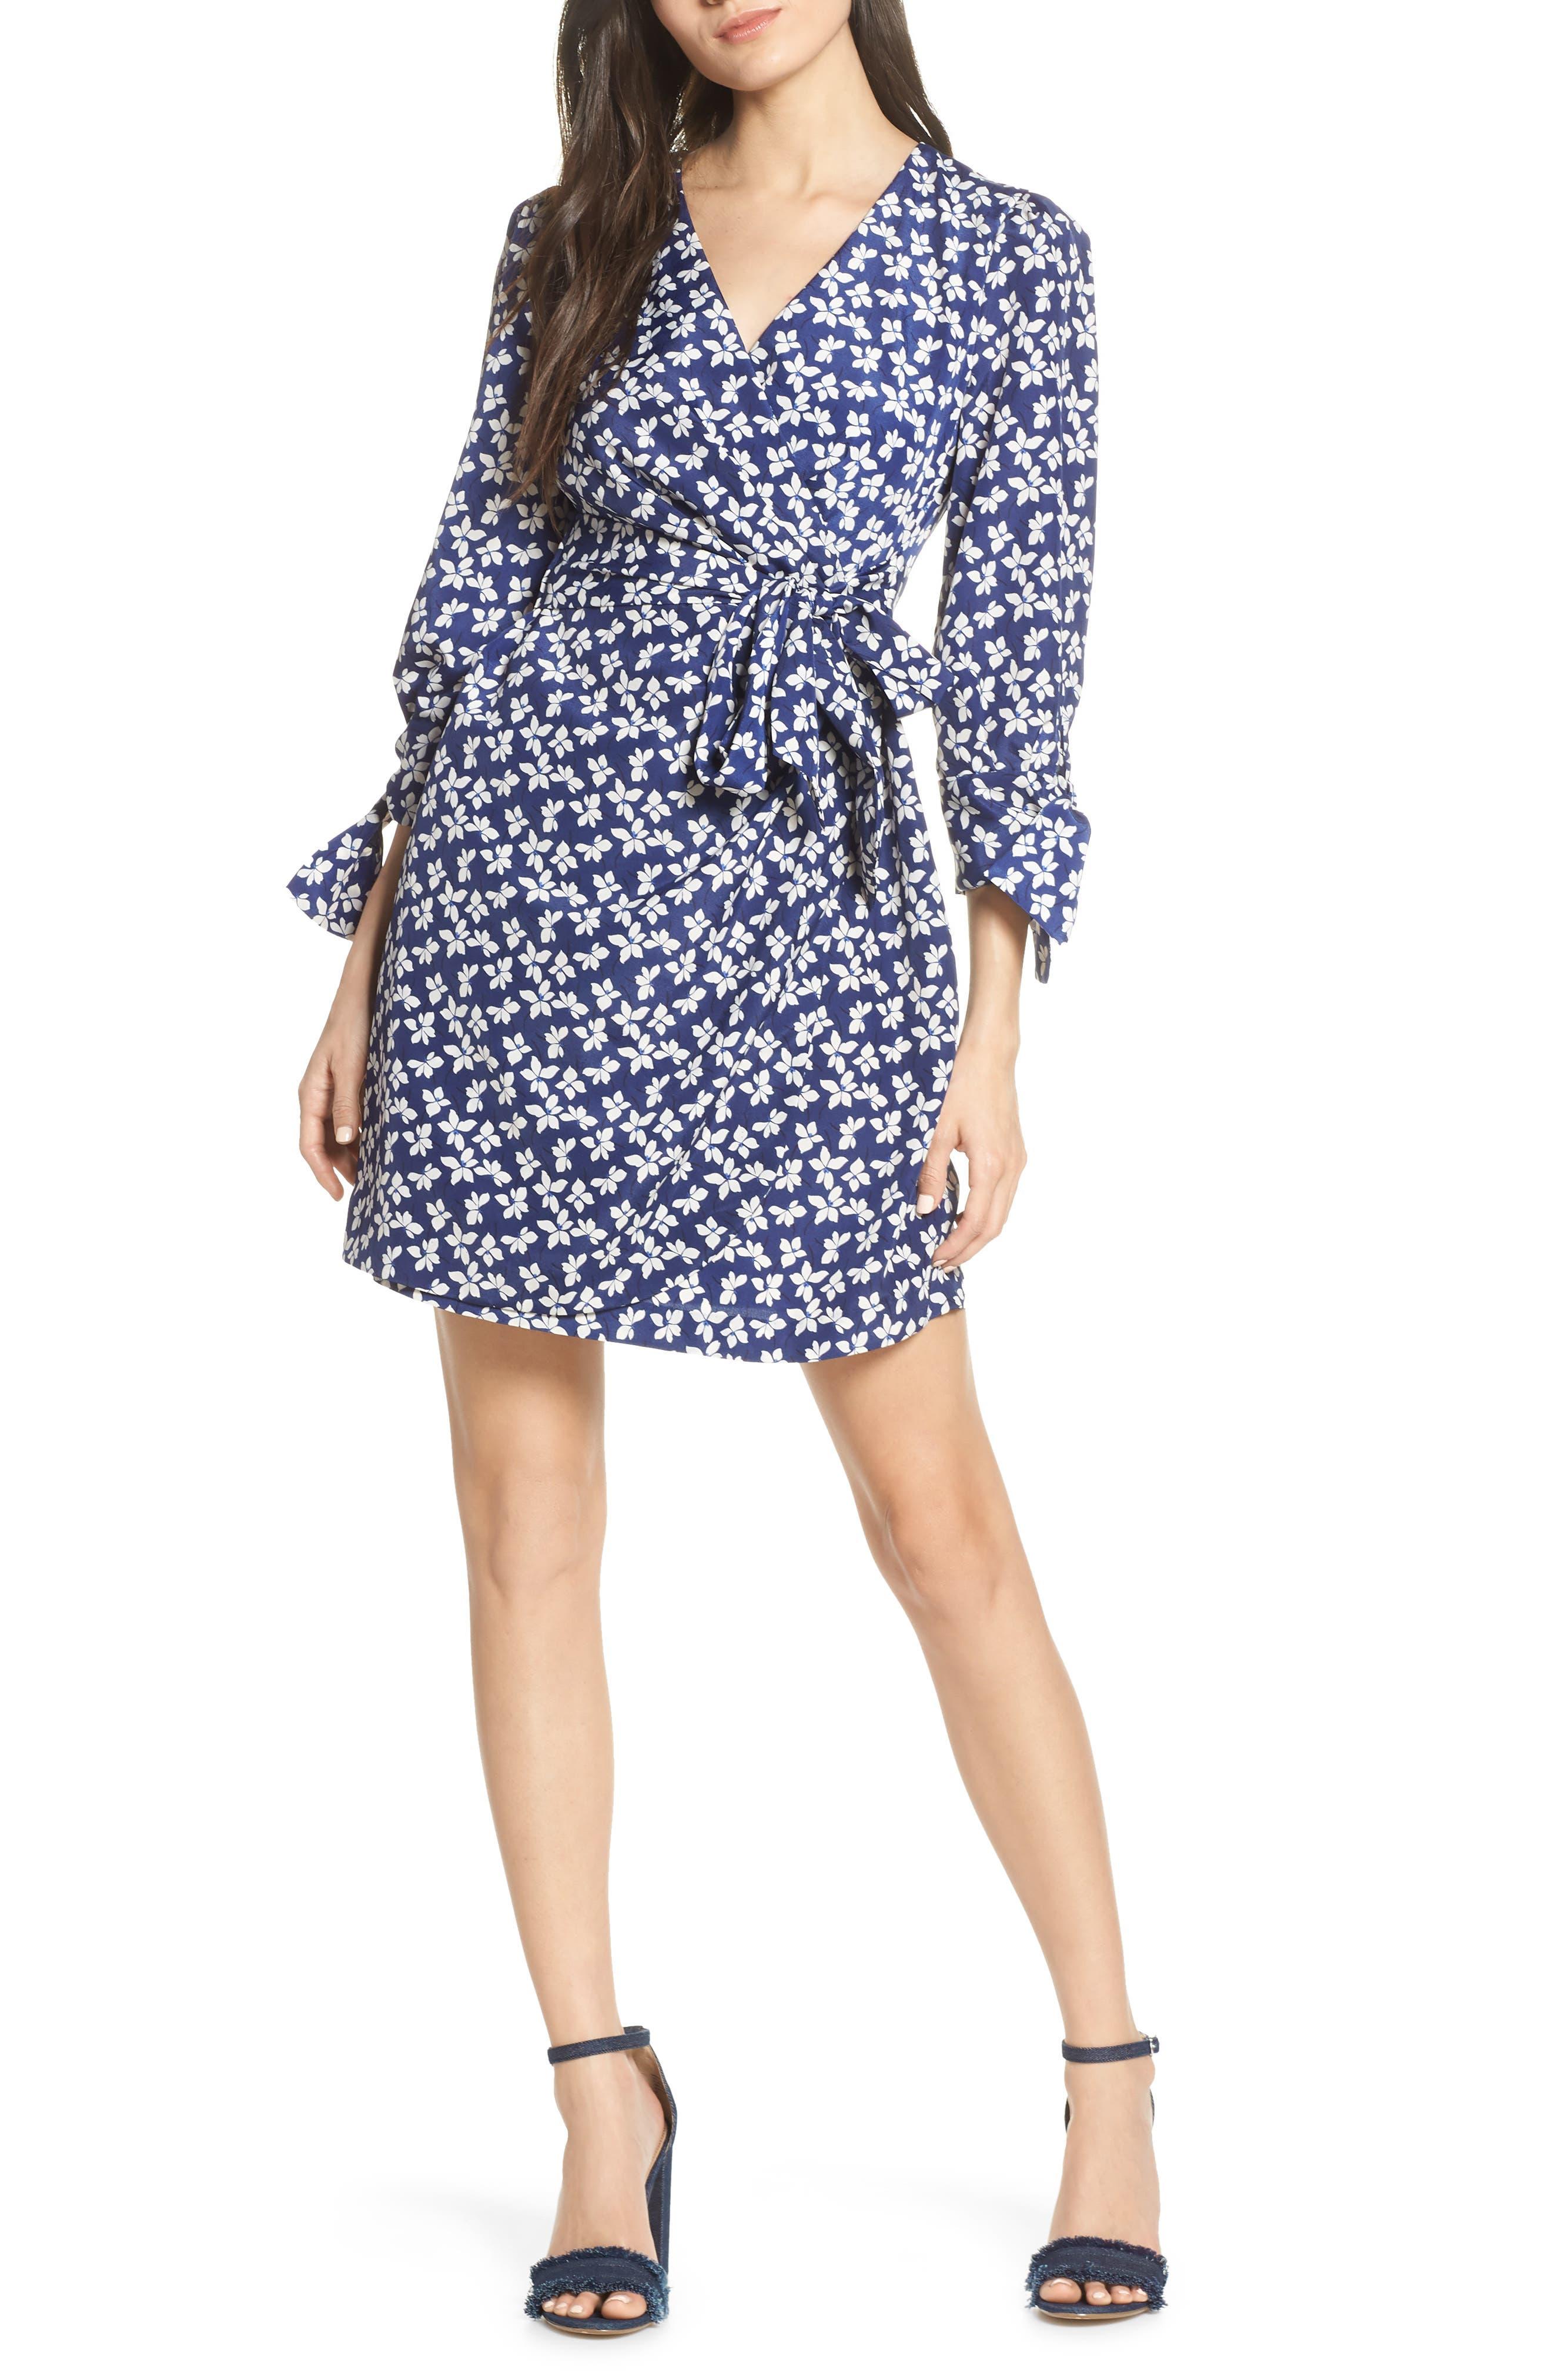 Petite Chelsea28 Floral Print Faux Wrap Dress, Blue